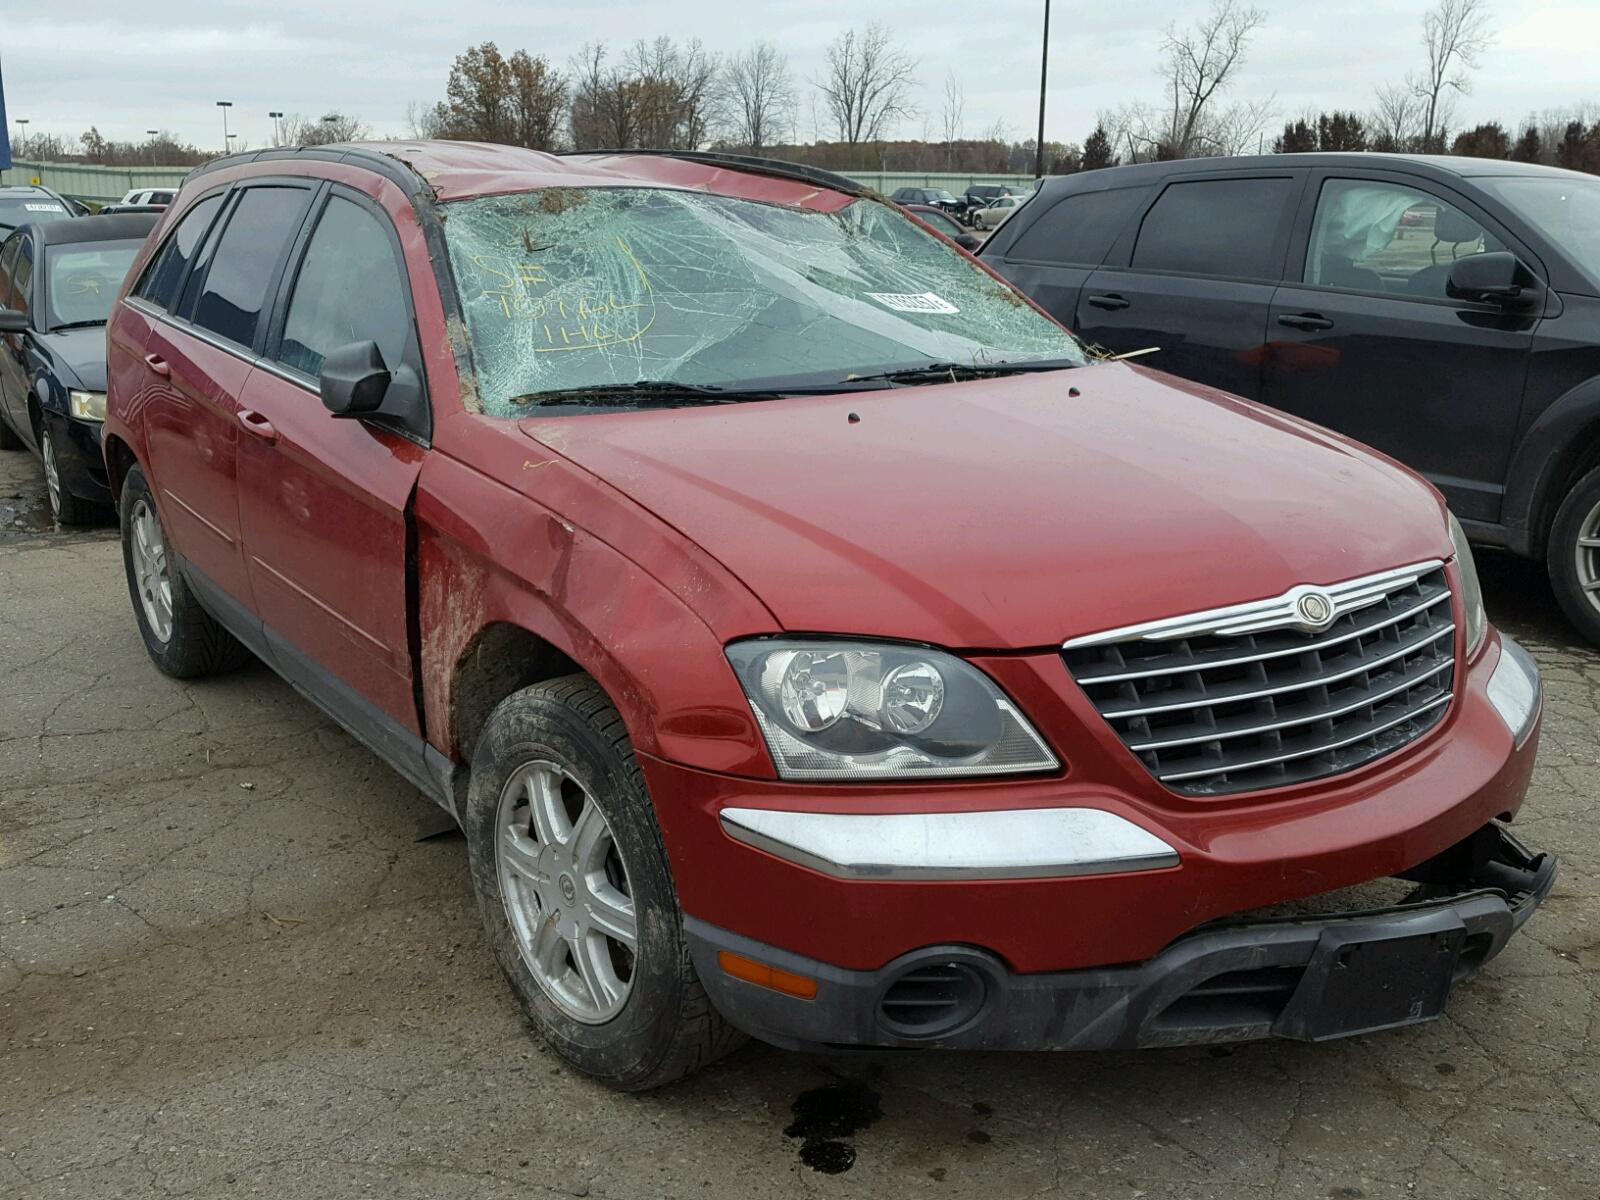 interior exterior platinum show auto and youtube detroit watch chrysler walkaround